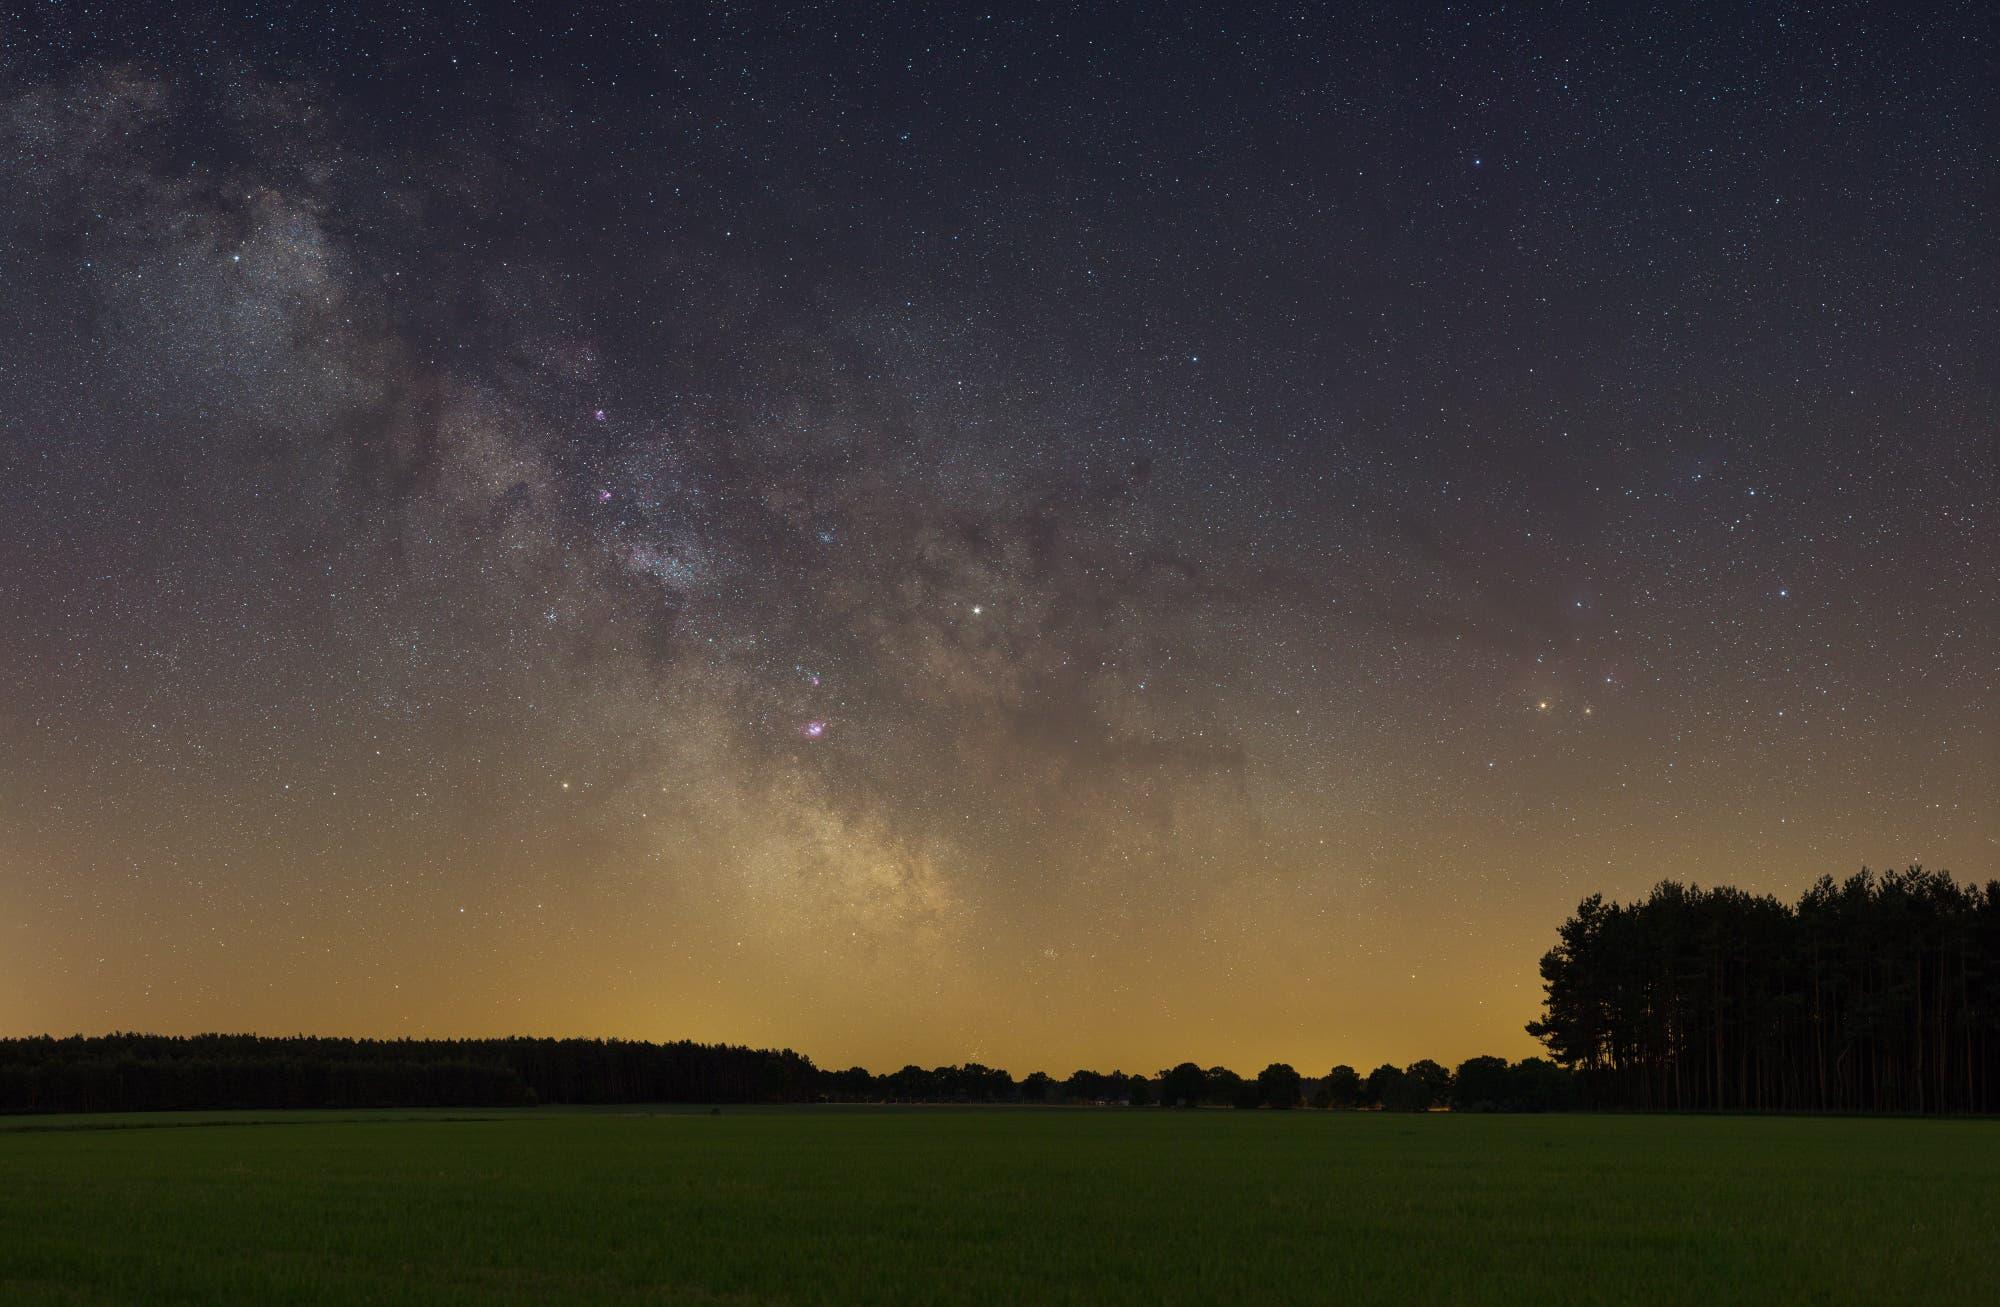 Die Sommermilchstraße im Weitwinkelbild